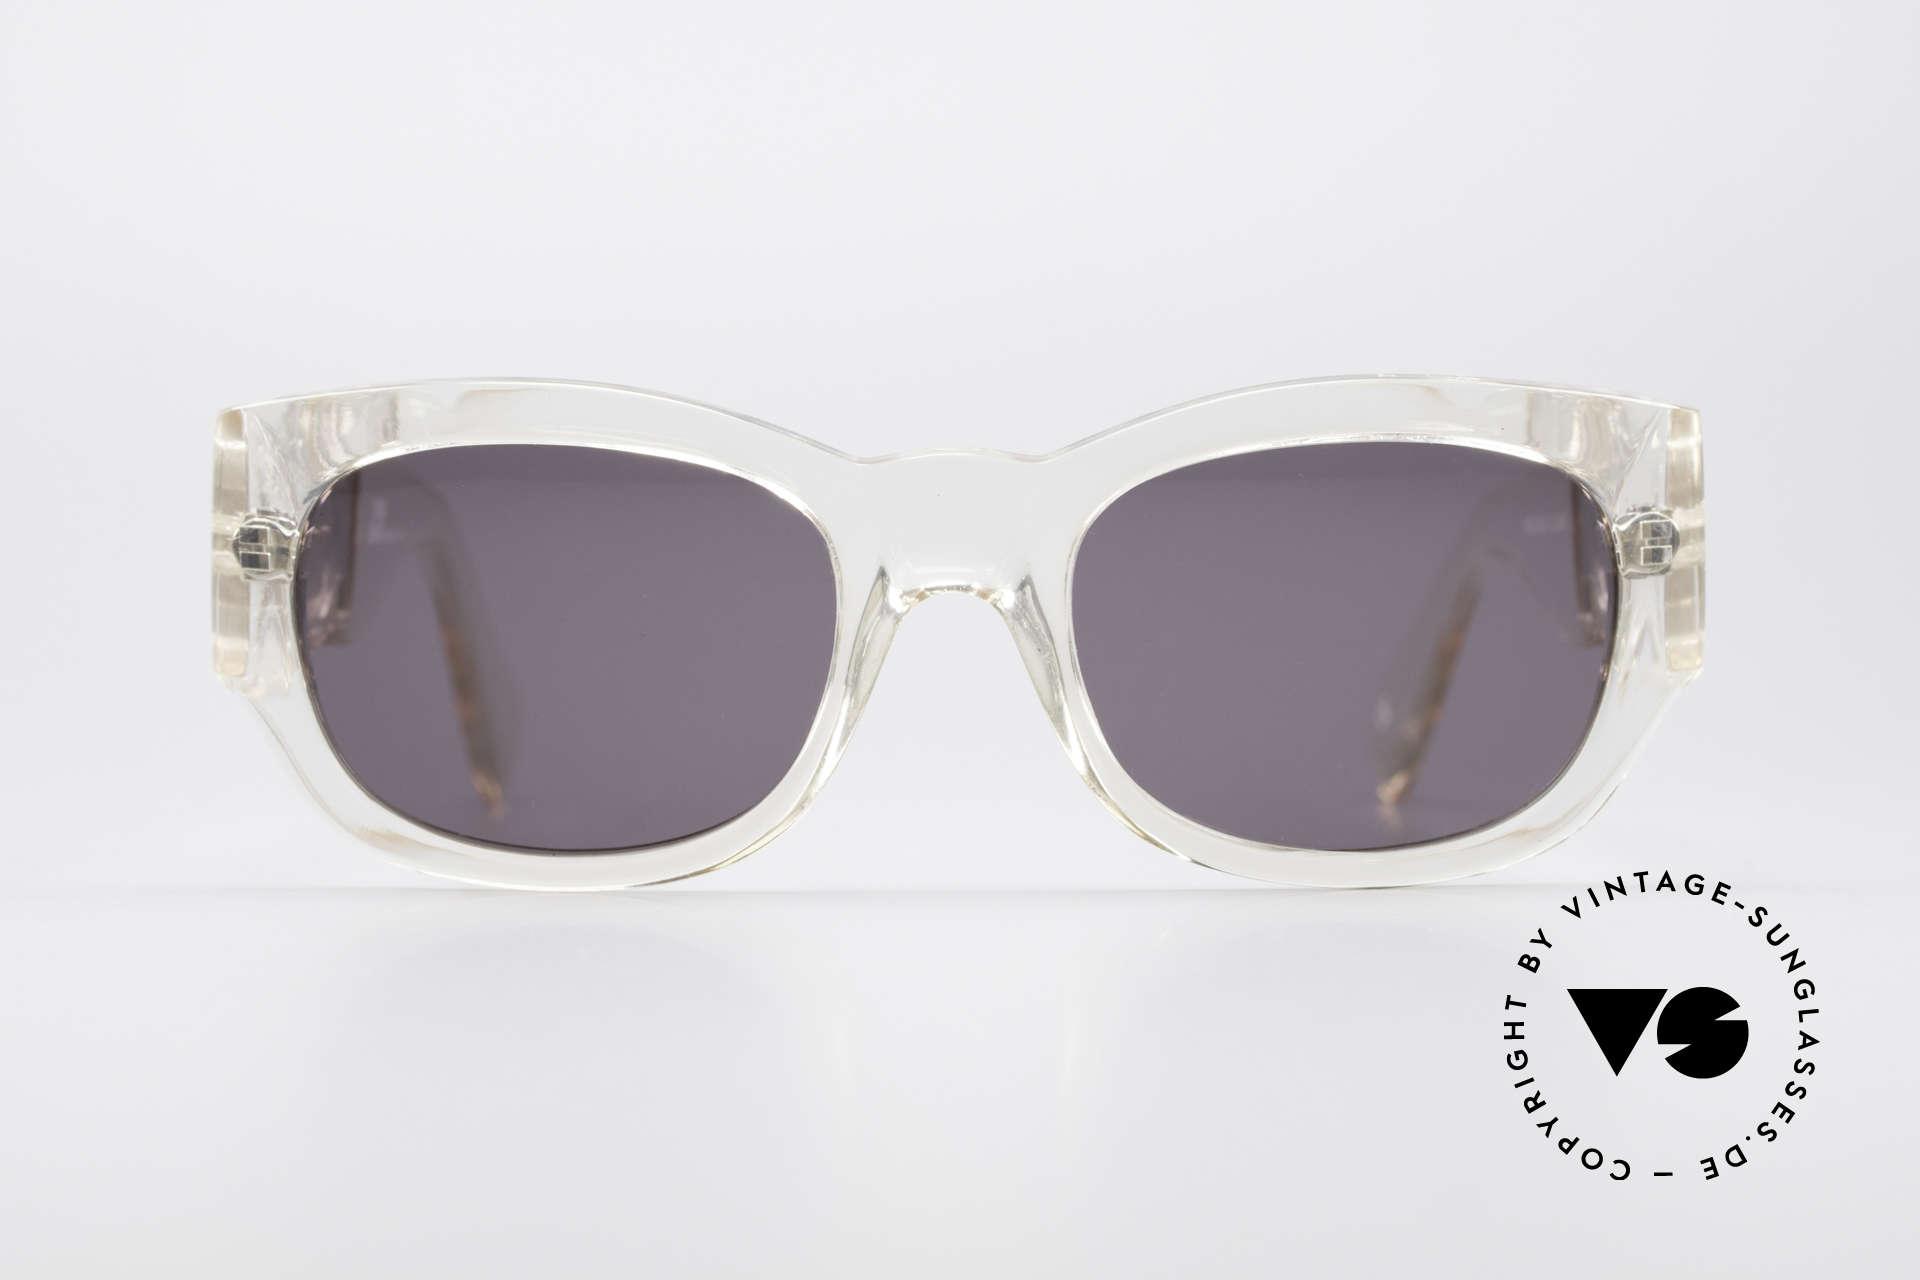 4325117b0ea Sunglasses Gianni Versace 413 Vintage Medusa Sunglasses